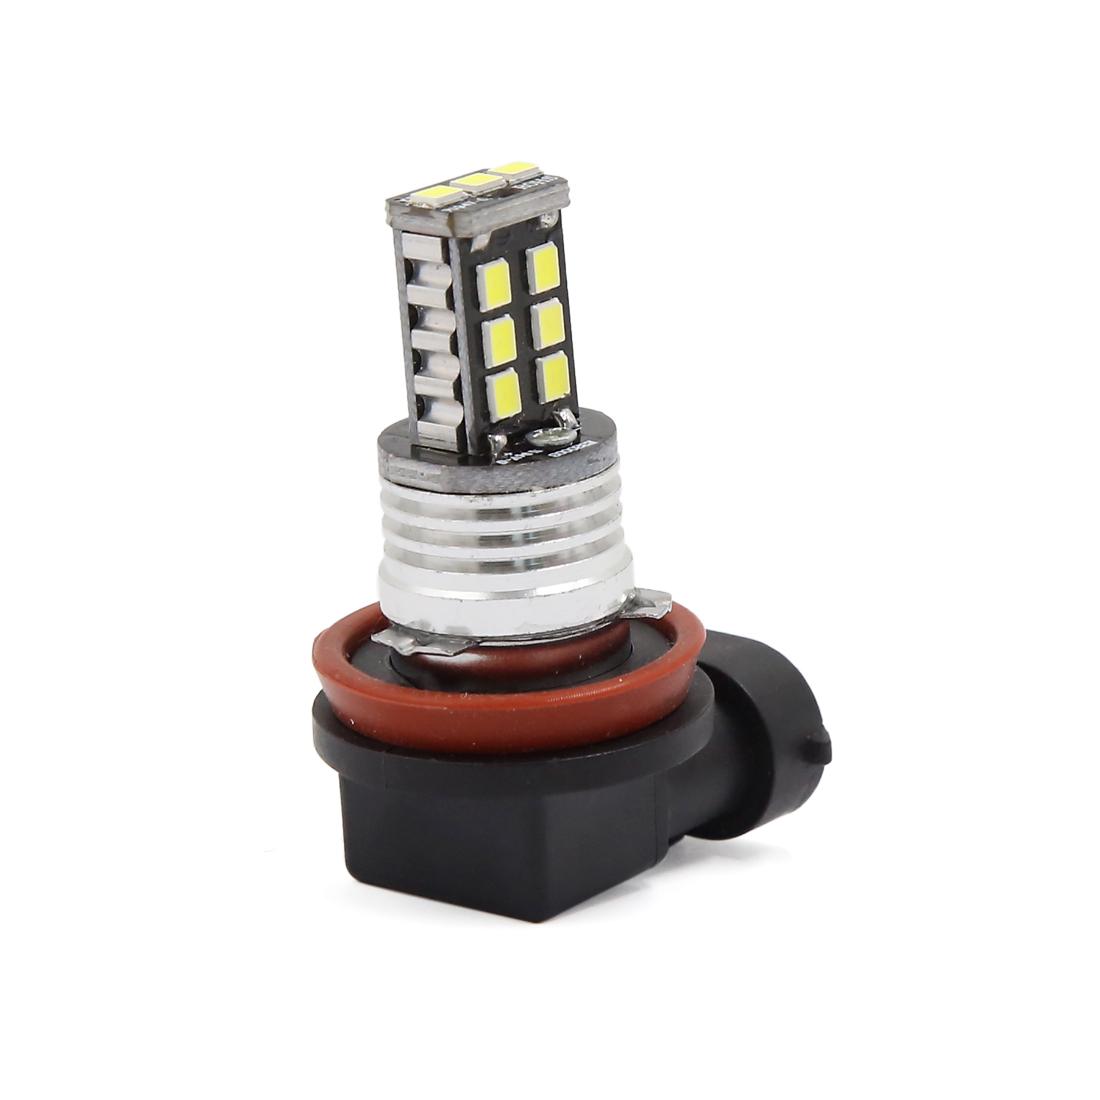 White 15W DC 12V 2835 H8 1000LM 15 SMD LED Car Fog Driving Light Bulb Lamp